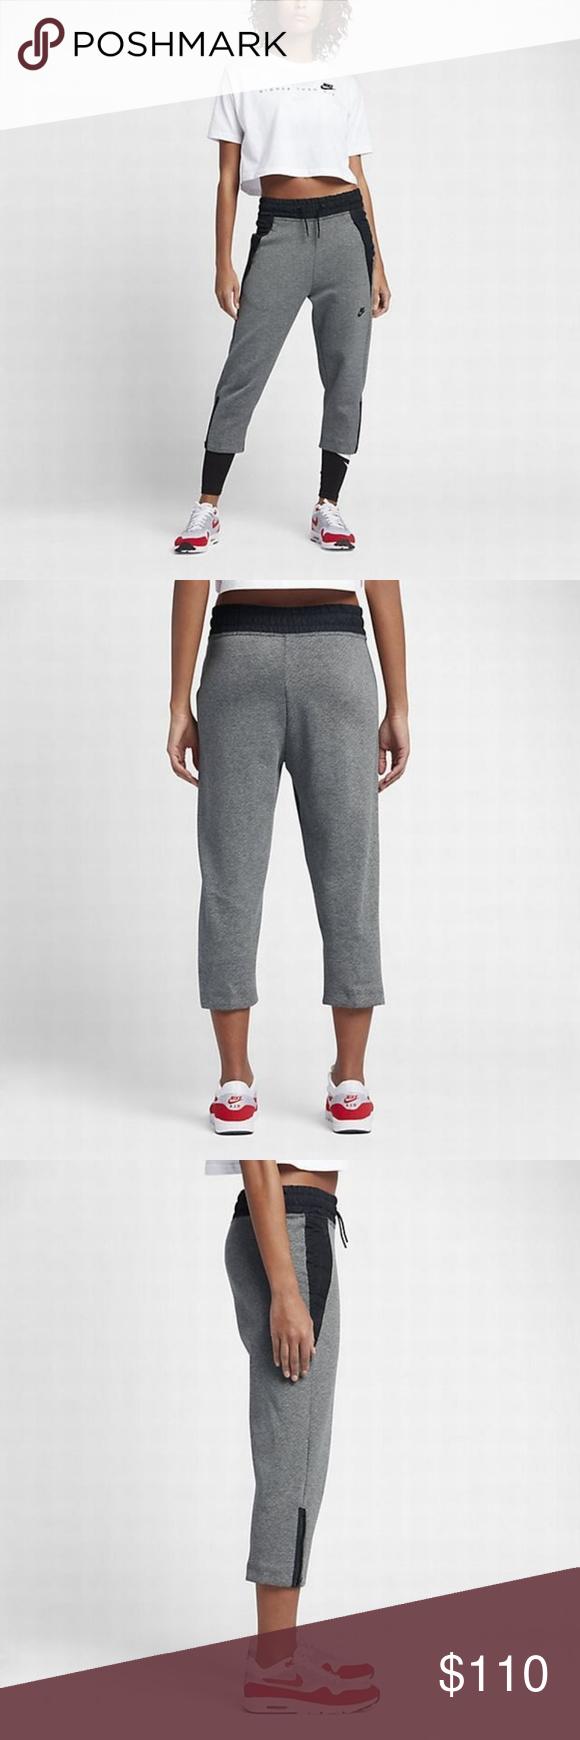 Nike Sportswear Tech Fleece Pant Size XL Nike Sportswear